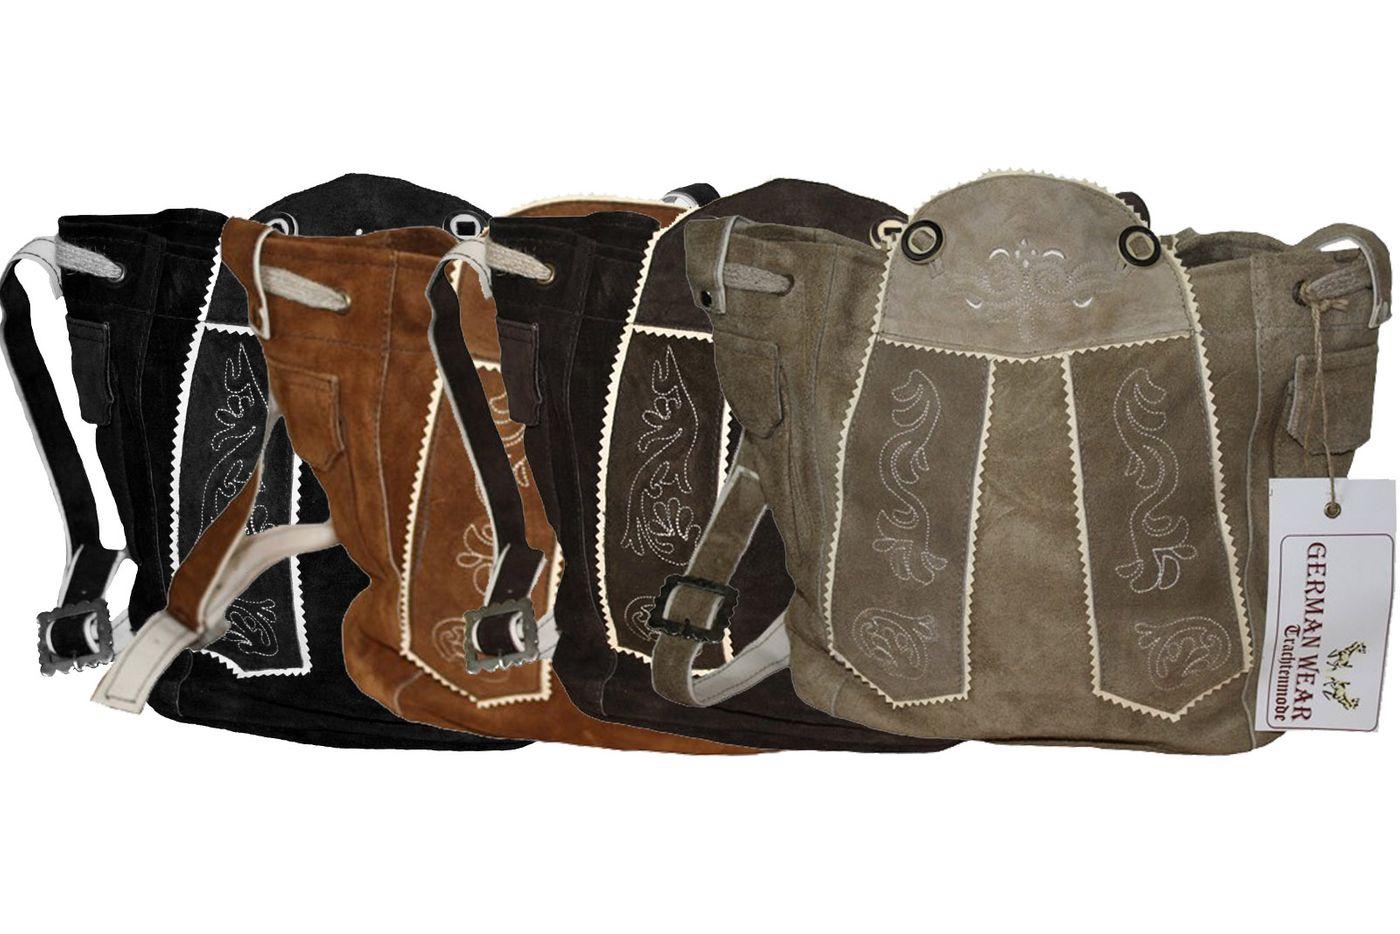 8b5155d1c9b06 Damen Trachtentasche Dirndl Taschen Trachten ledertasche in der 4x Farben 1  ...